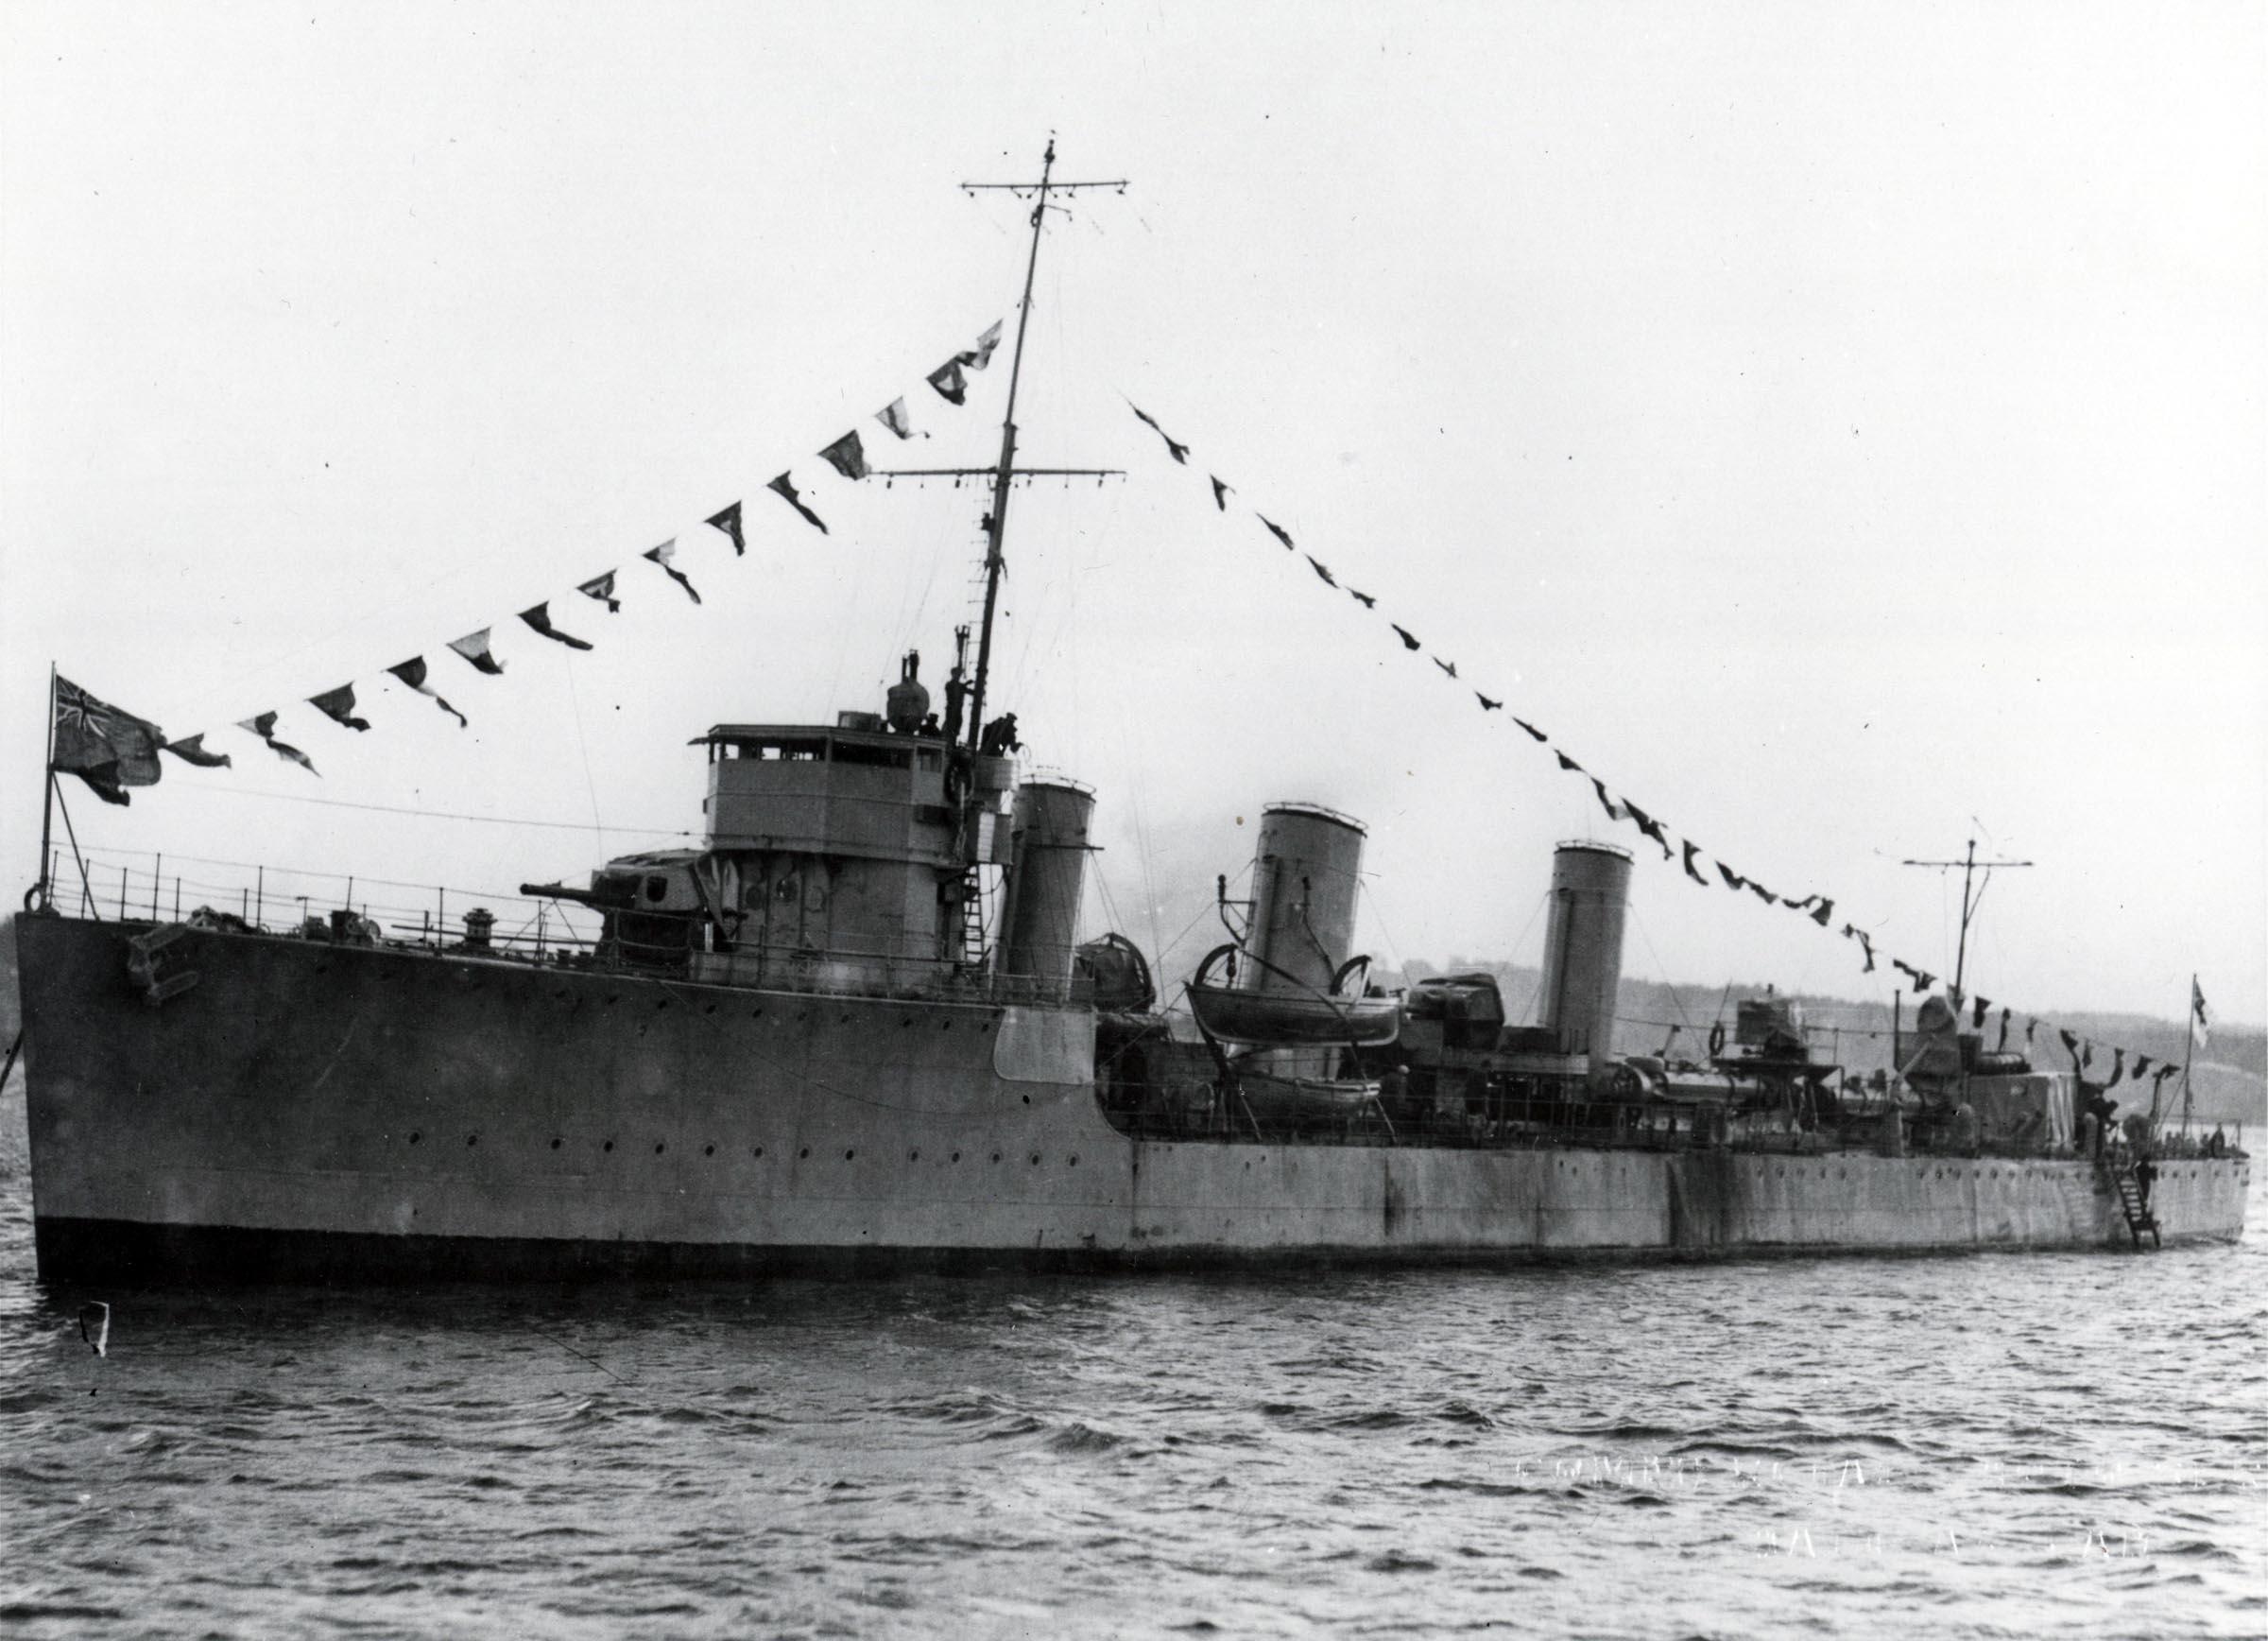 HMCS PATRIOT